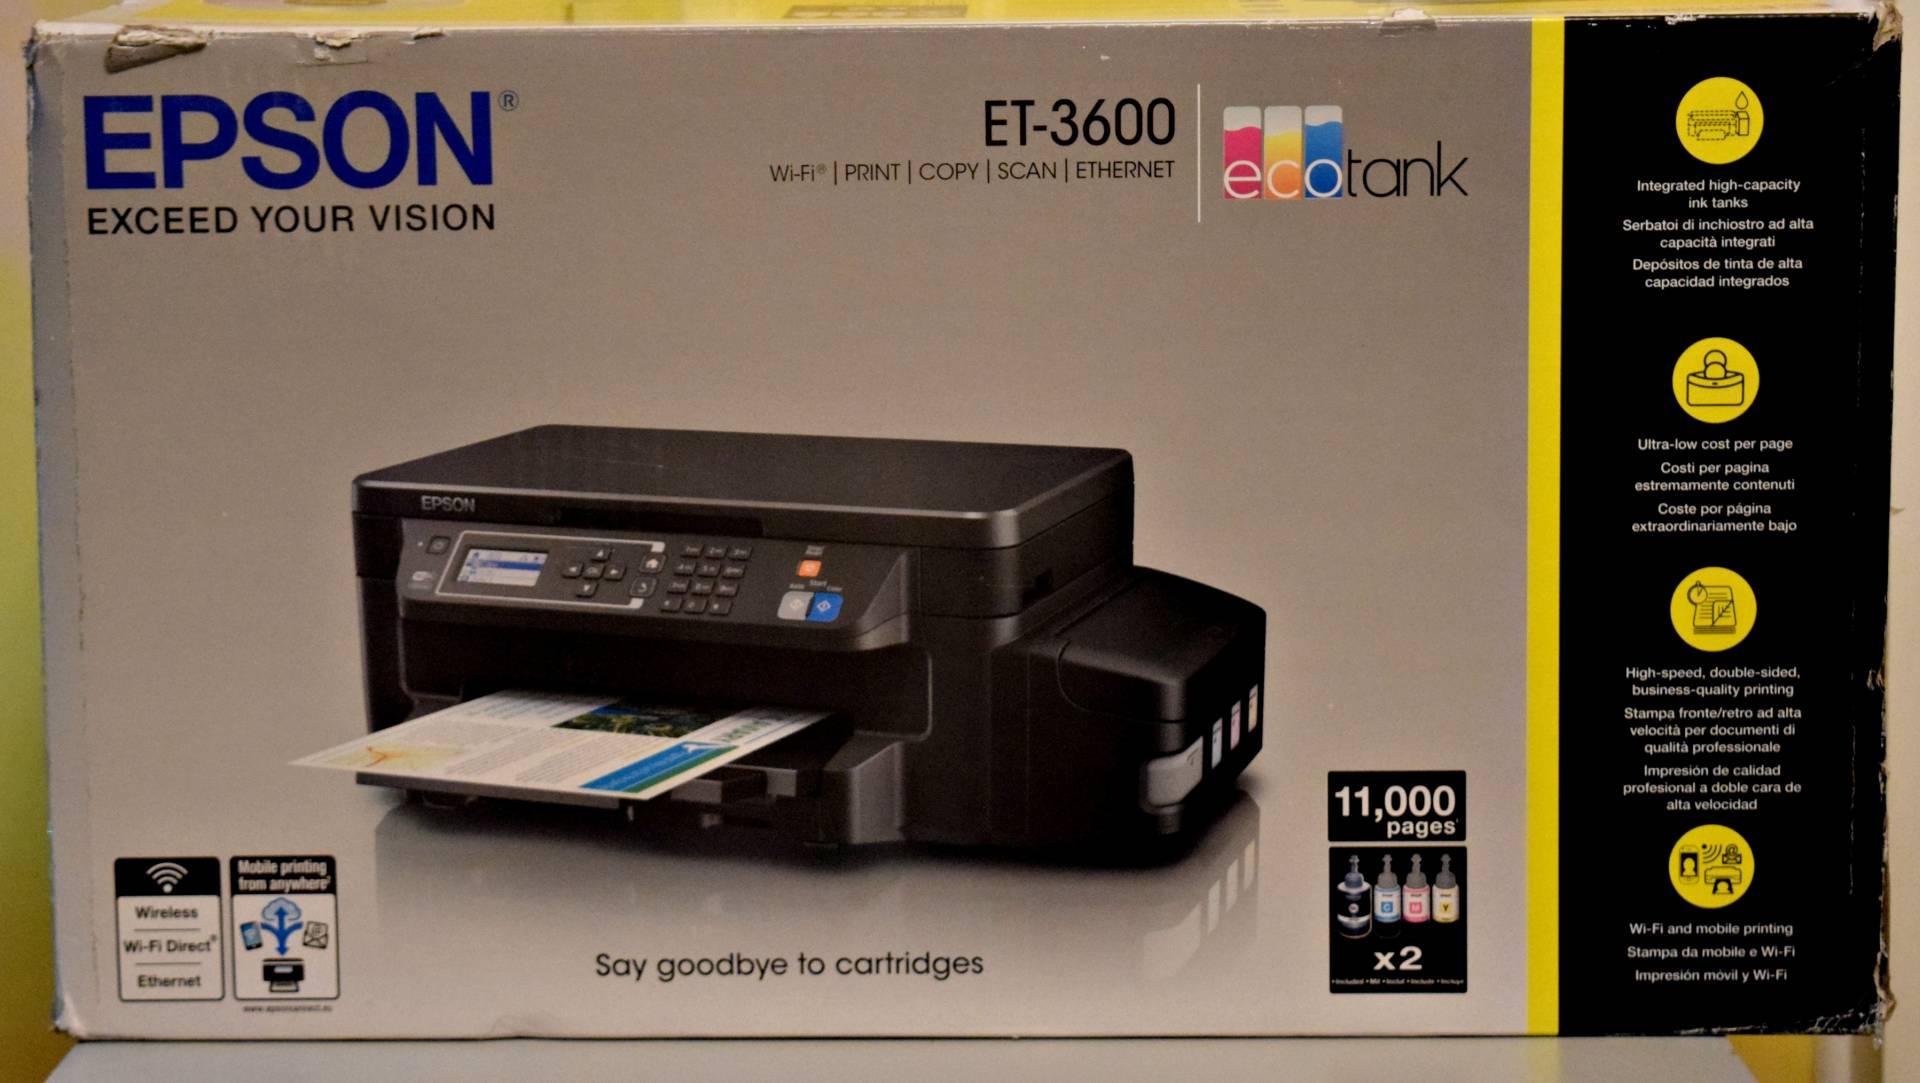 Epson EcoTank ET-3600 3-in-1 inkjet Printer review - Rock